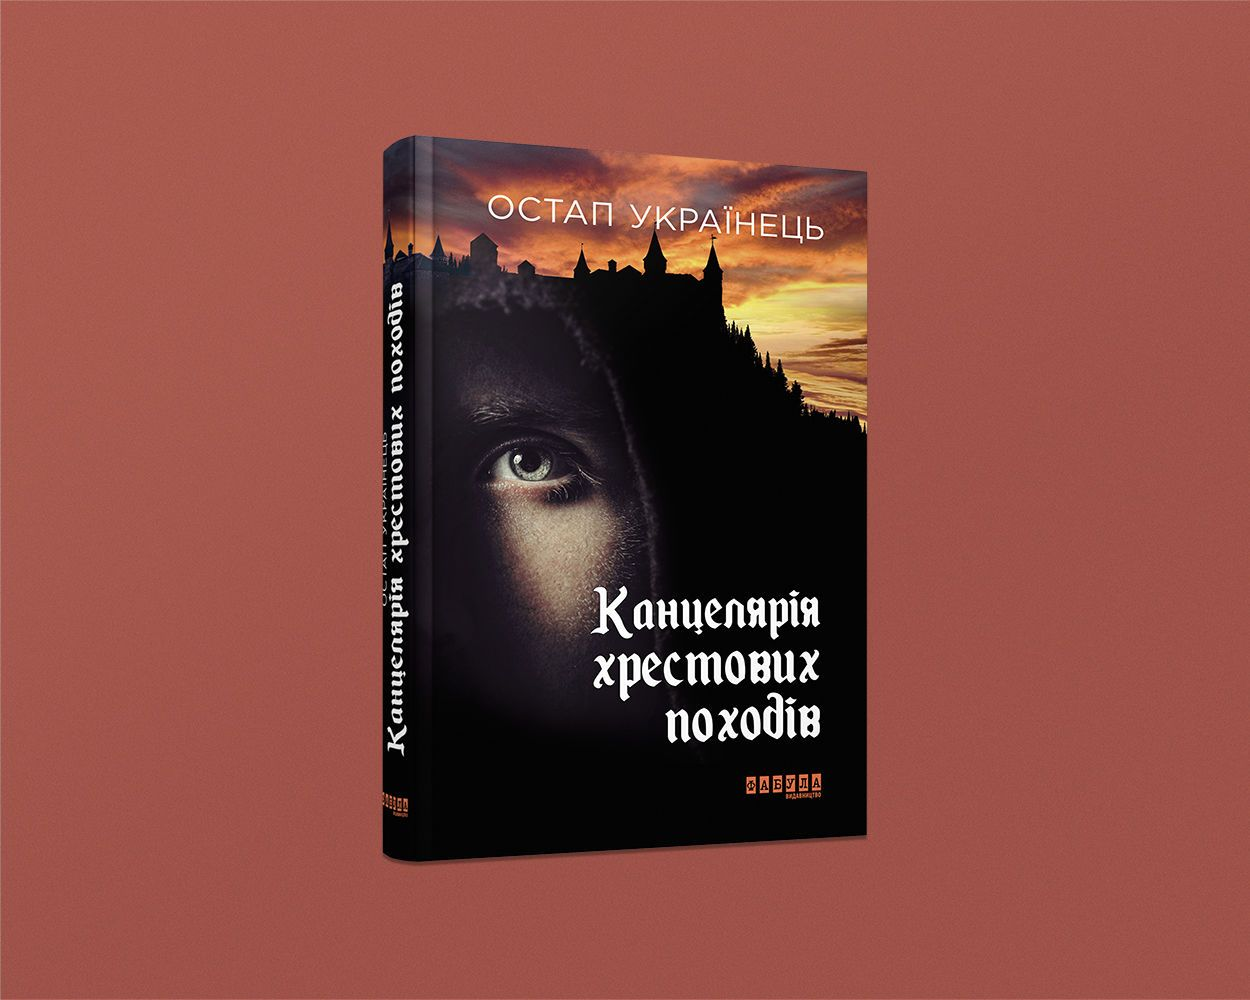 Українські книжки, Форум видавців, для блогів_7